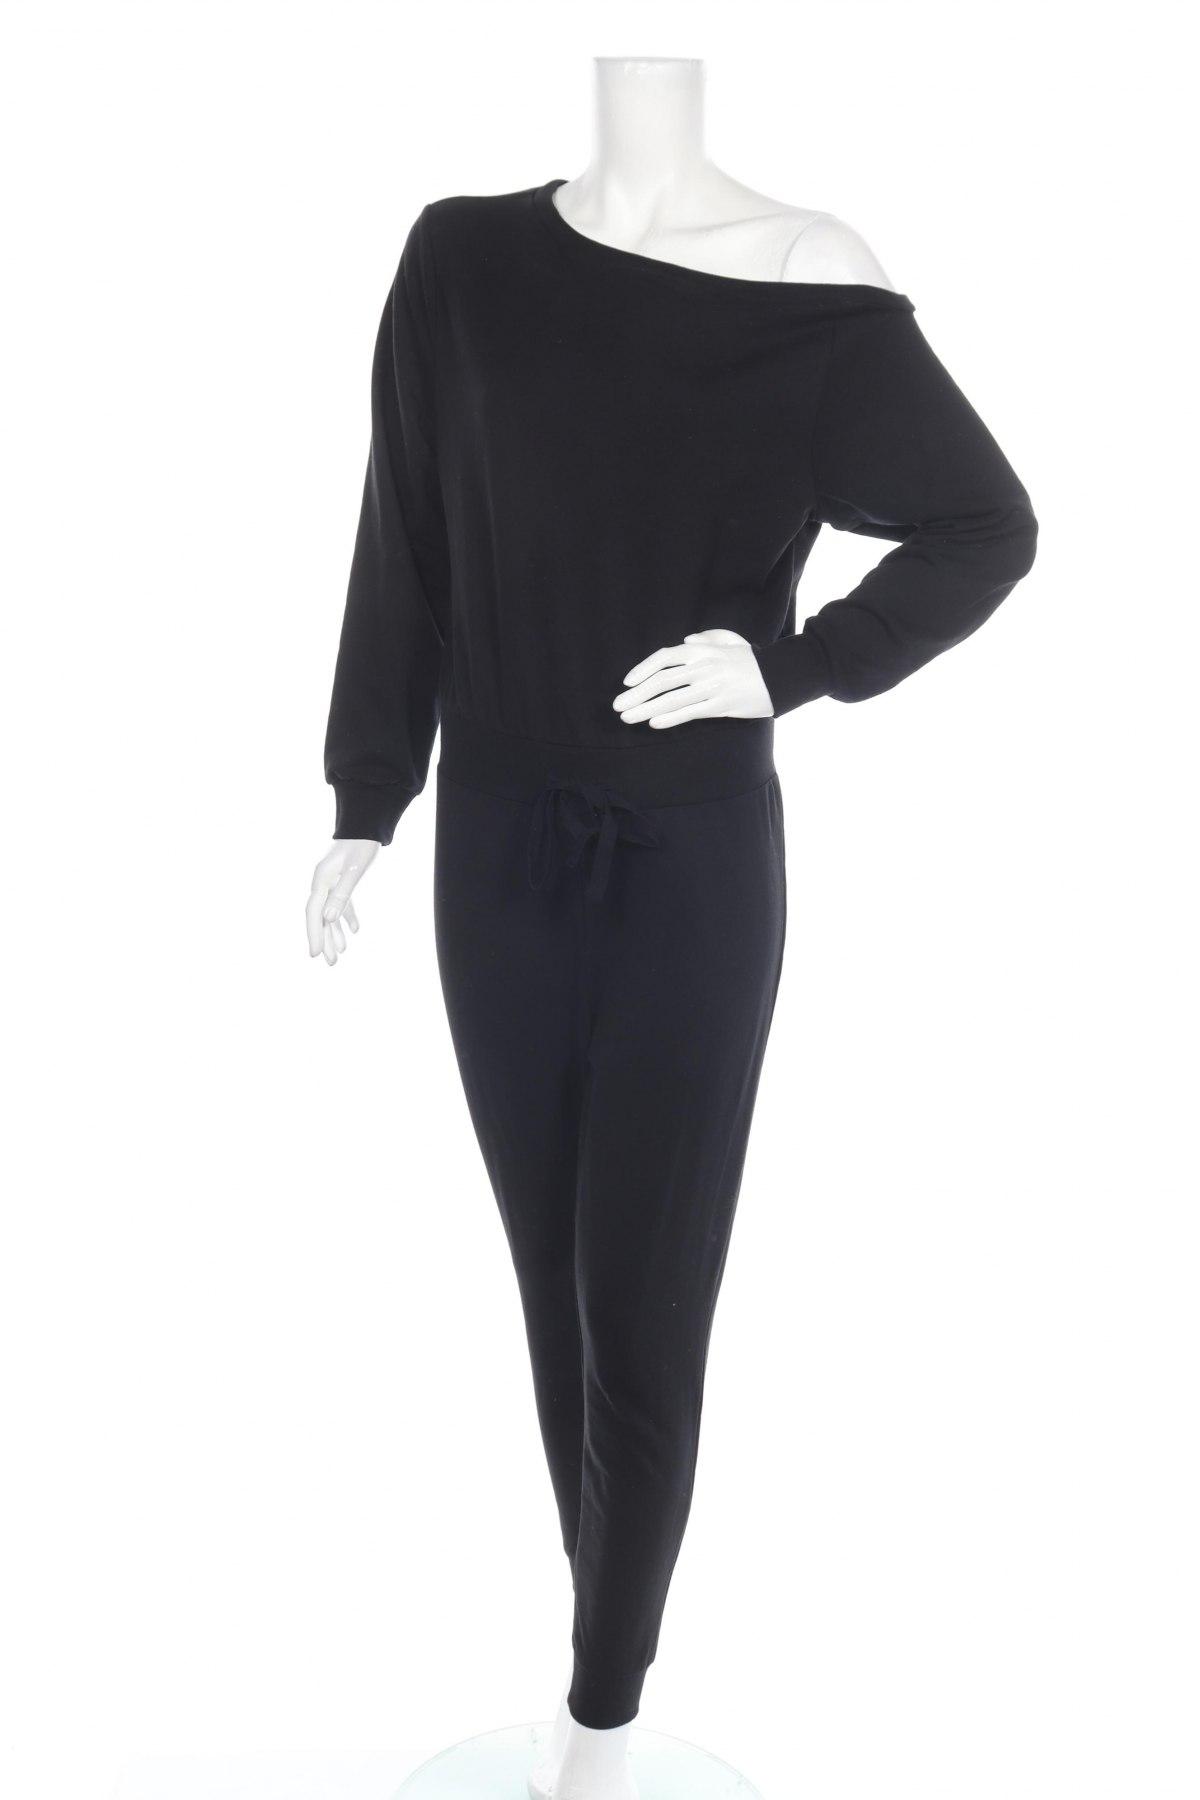 Γυναικεία σαλοπέτα Even&Odd, Μέγεθος M, Χρώμα Μαύρο, 60% βαμβάκι, 40% πολυεστέρας, Τιμή 16,42€